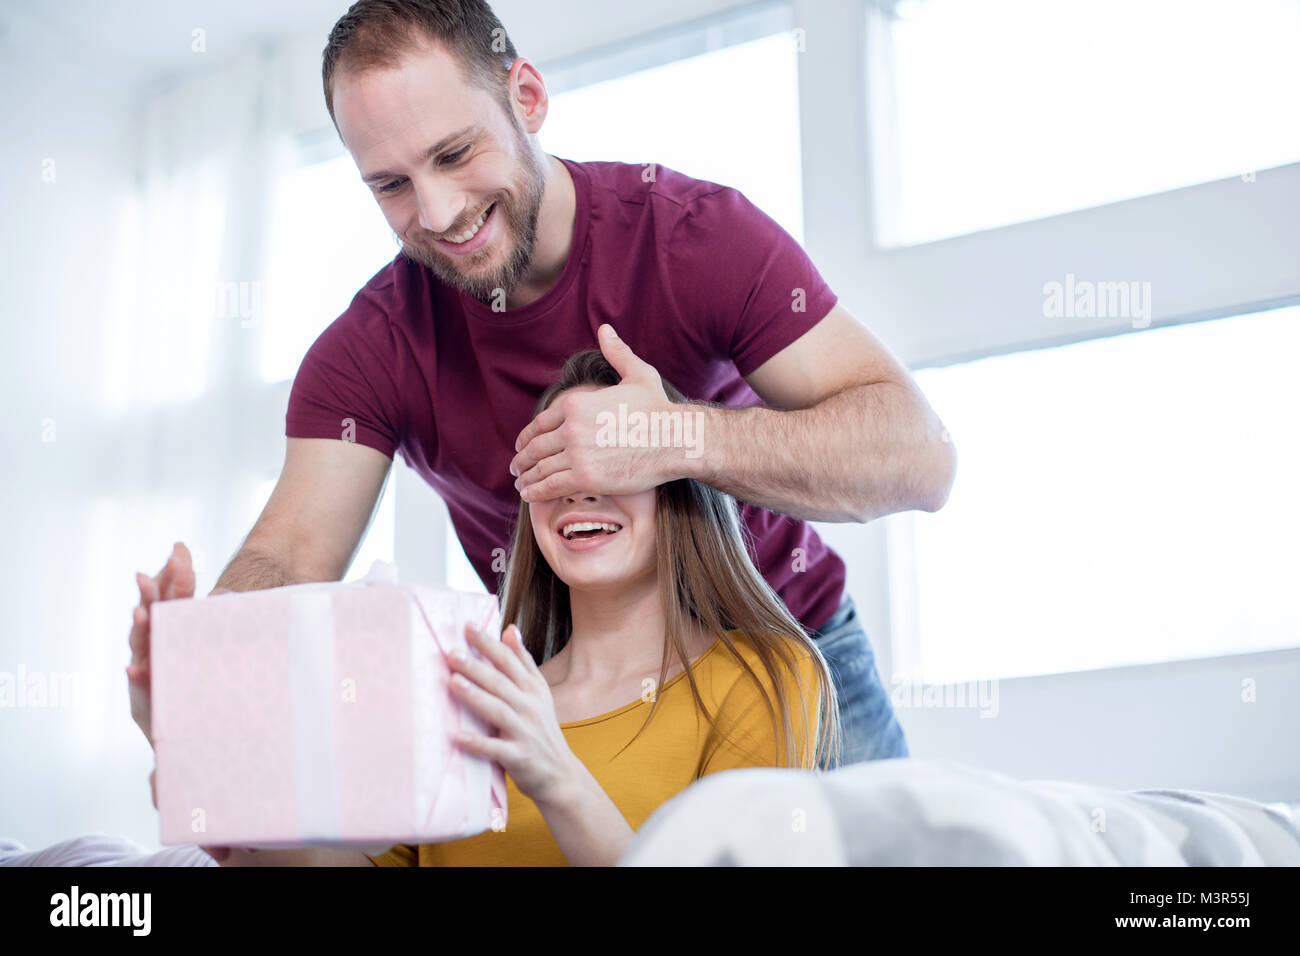 Alegre hombre haciendo un regalo a su mujer amada Imagen De Stock